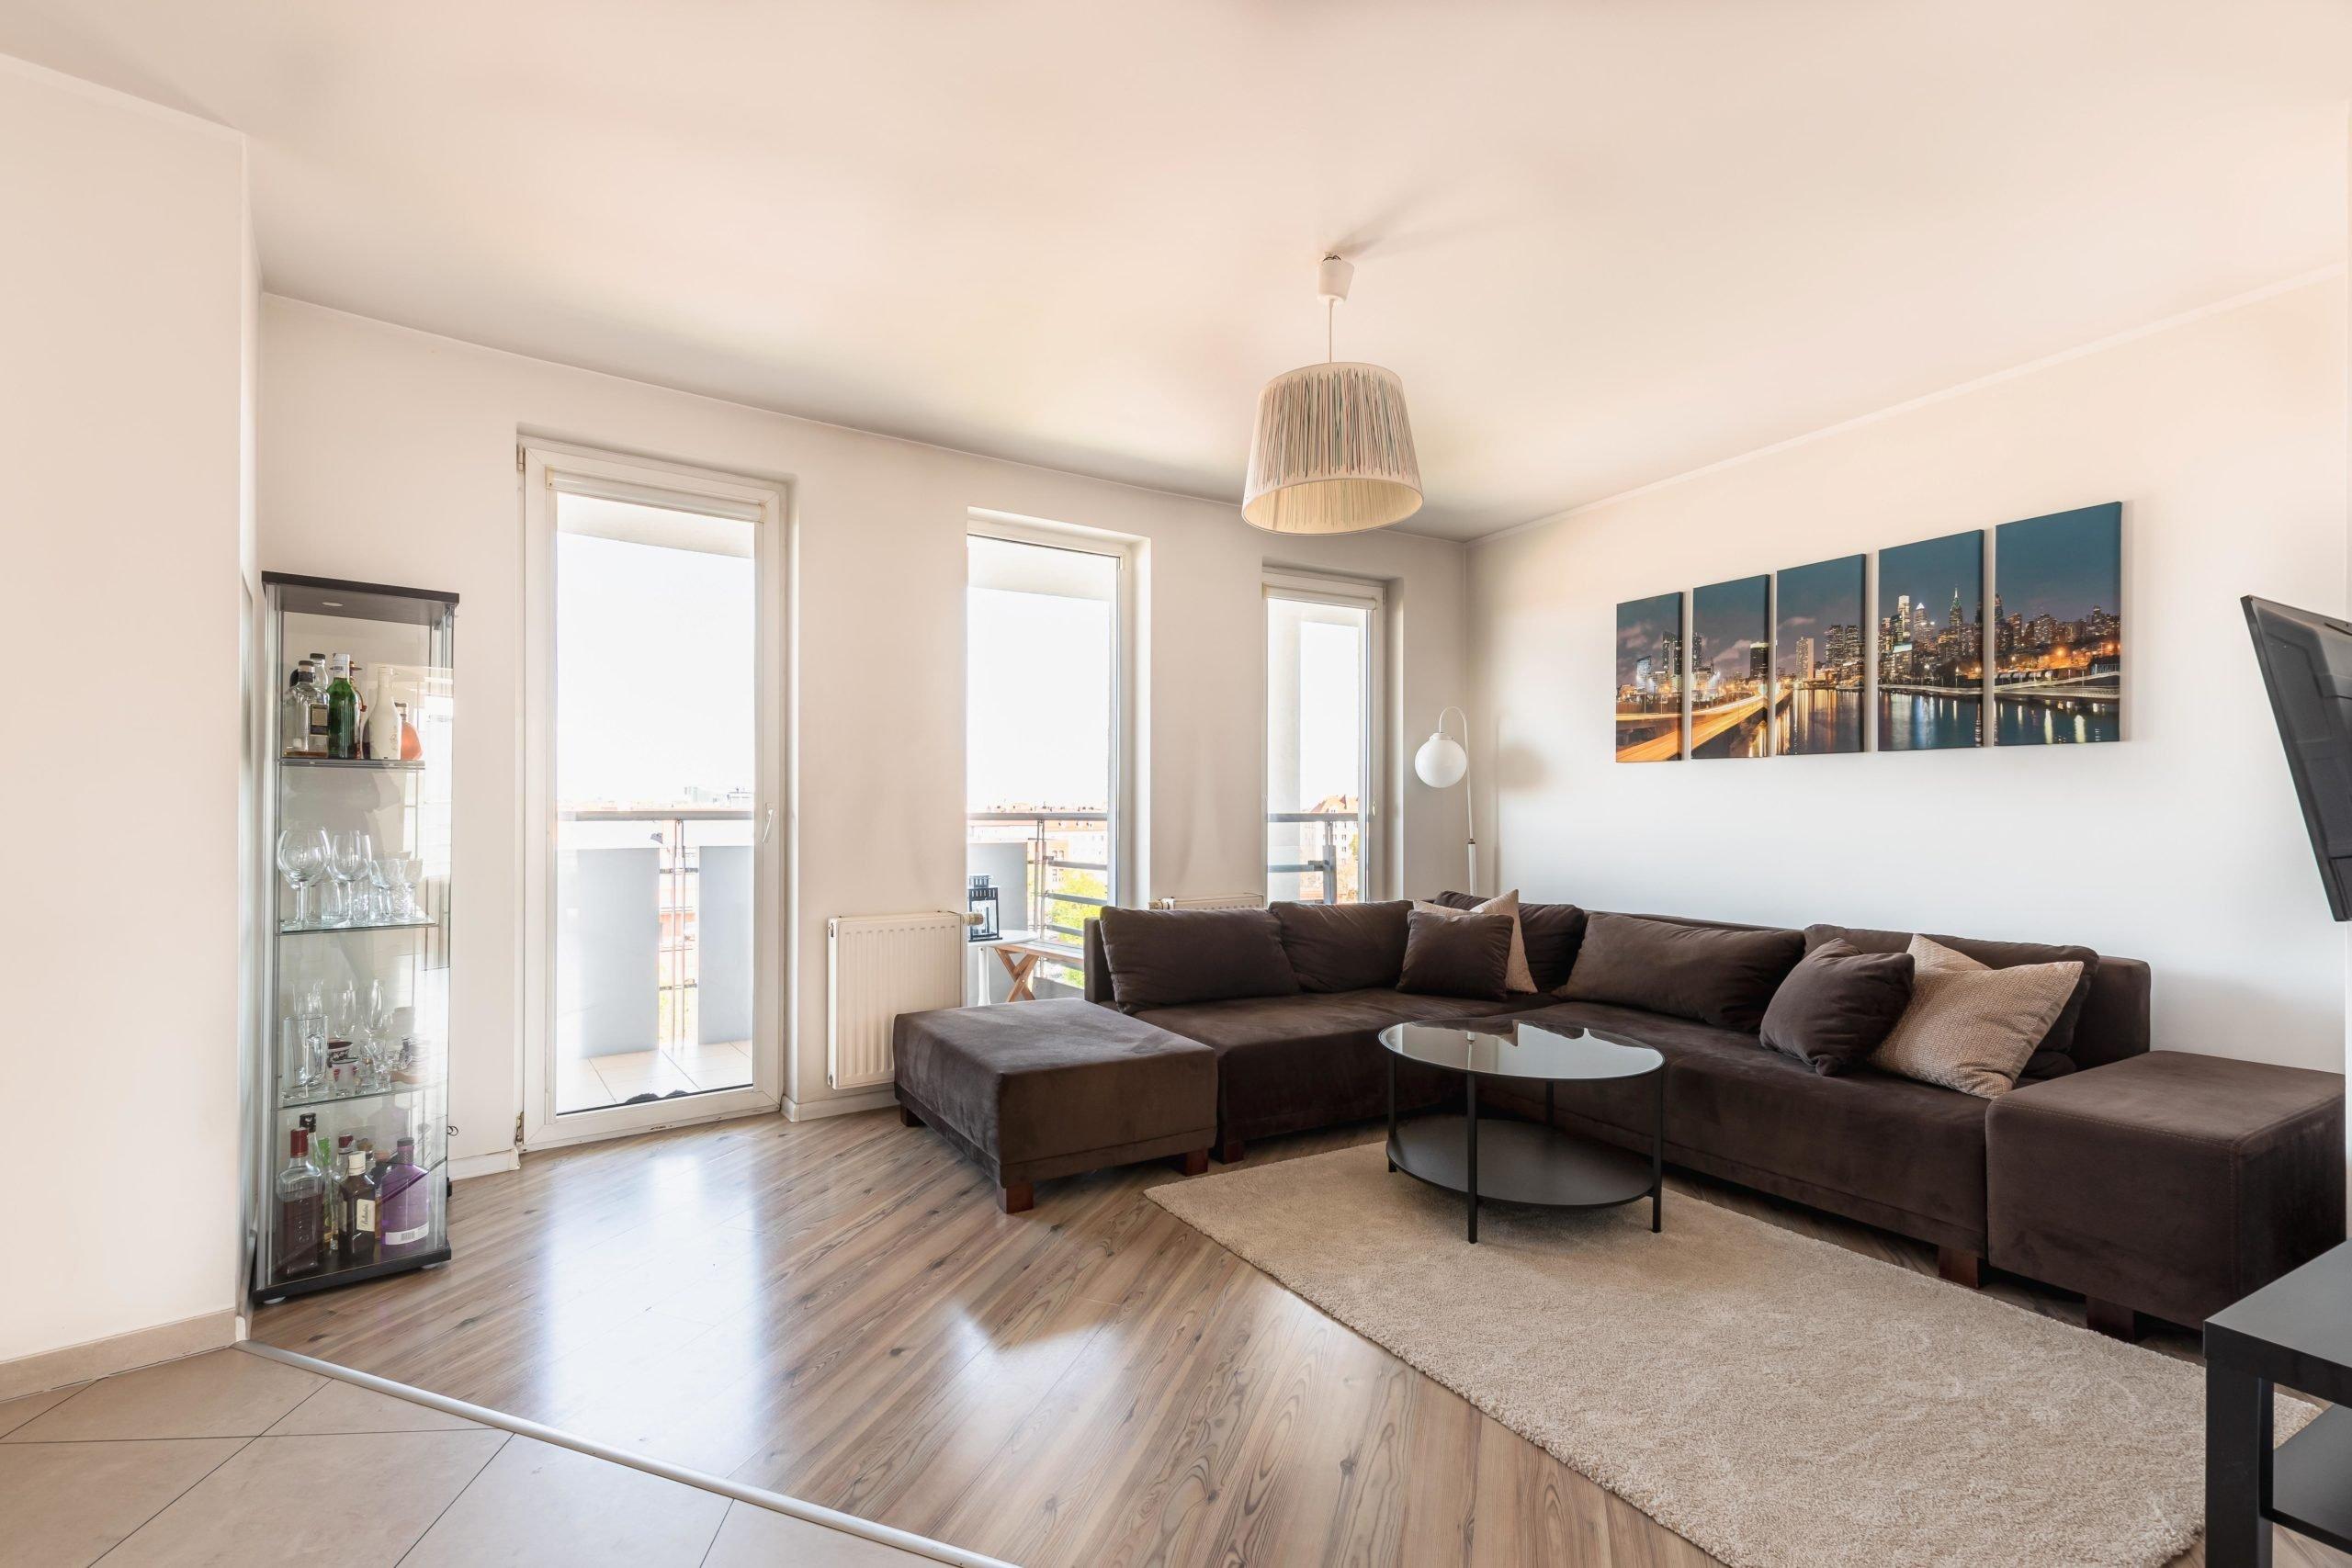 Komfortowe mieszkanie w prestiżowej lokalizacji, ul. Wojskowa, Grunwald, Poznań